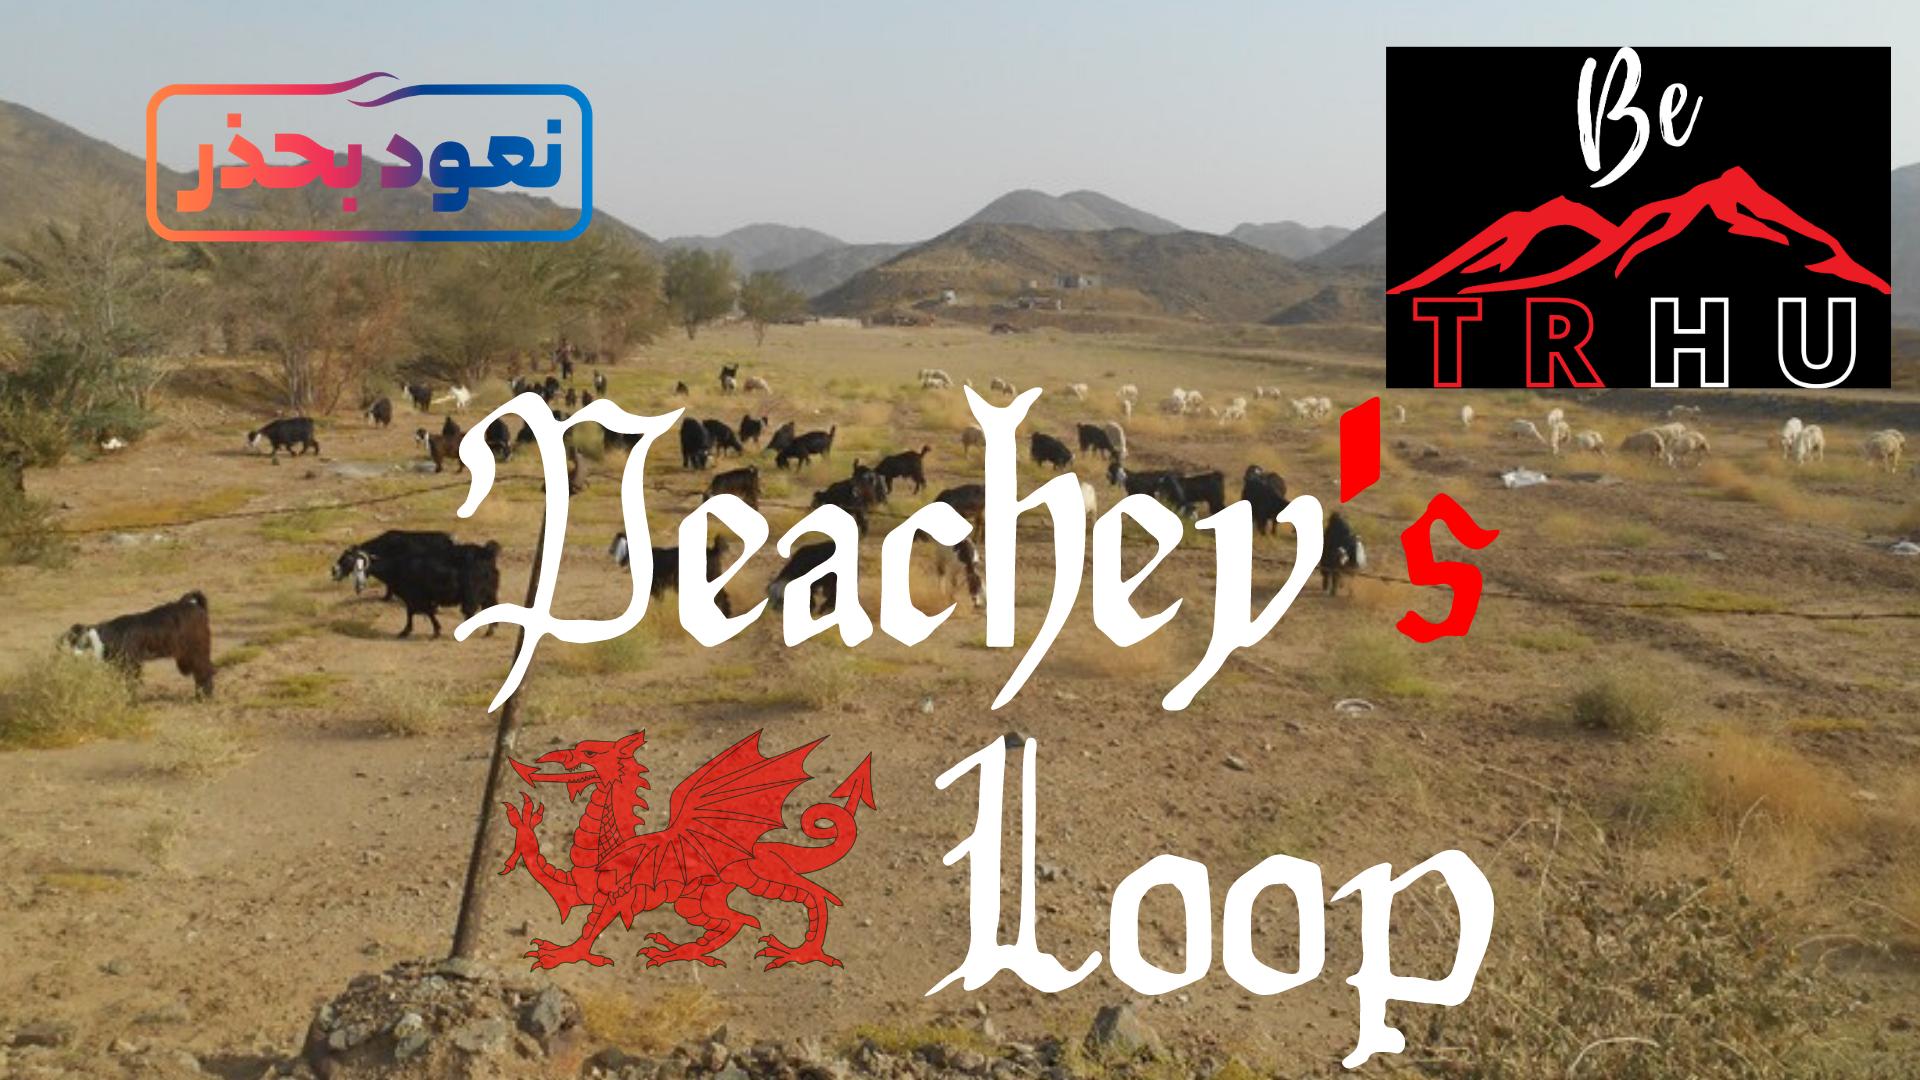 Peachey's Loop